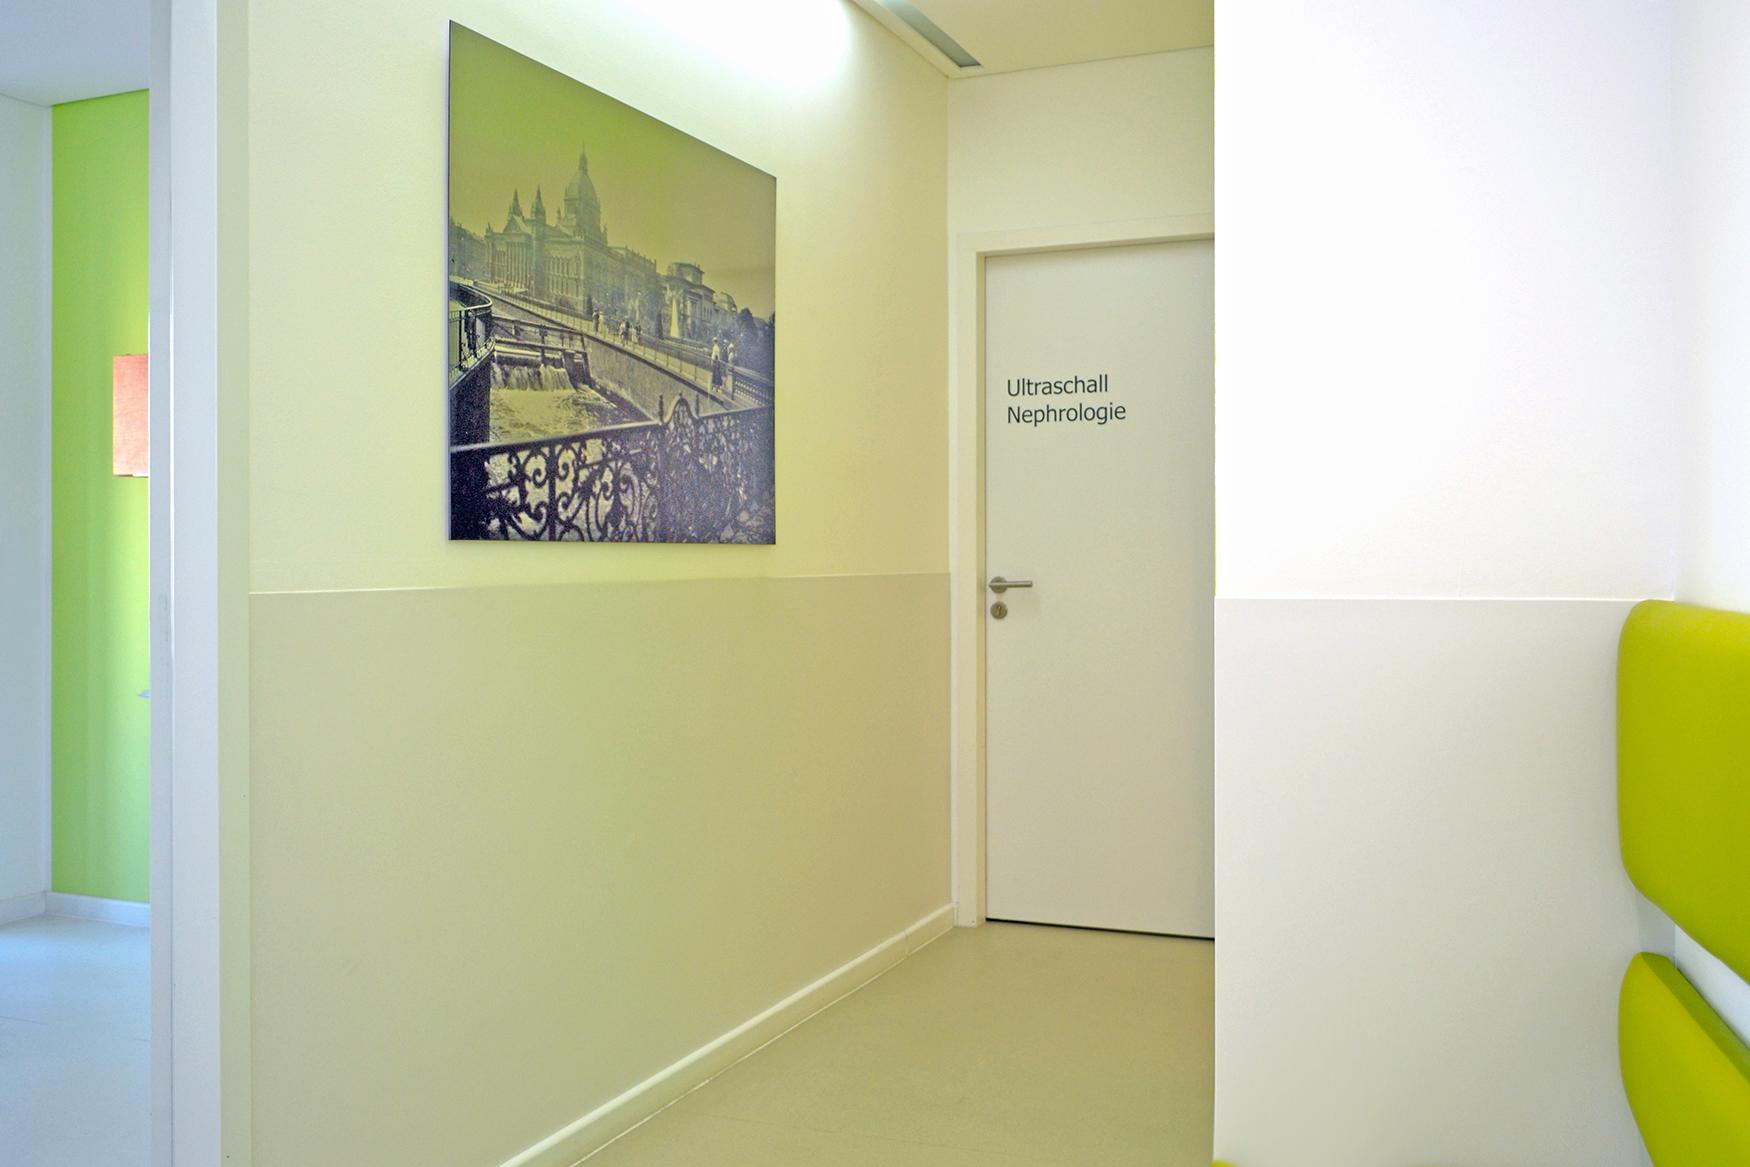 Wandschutz Praxislflur Warten